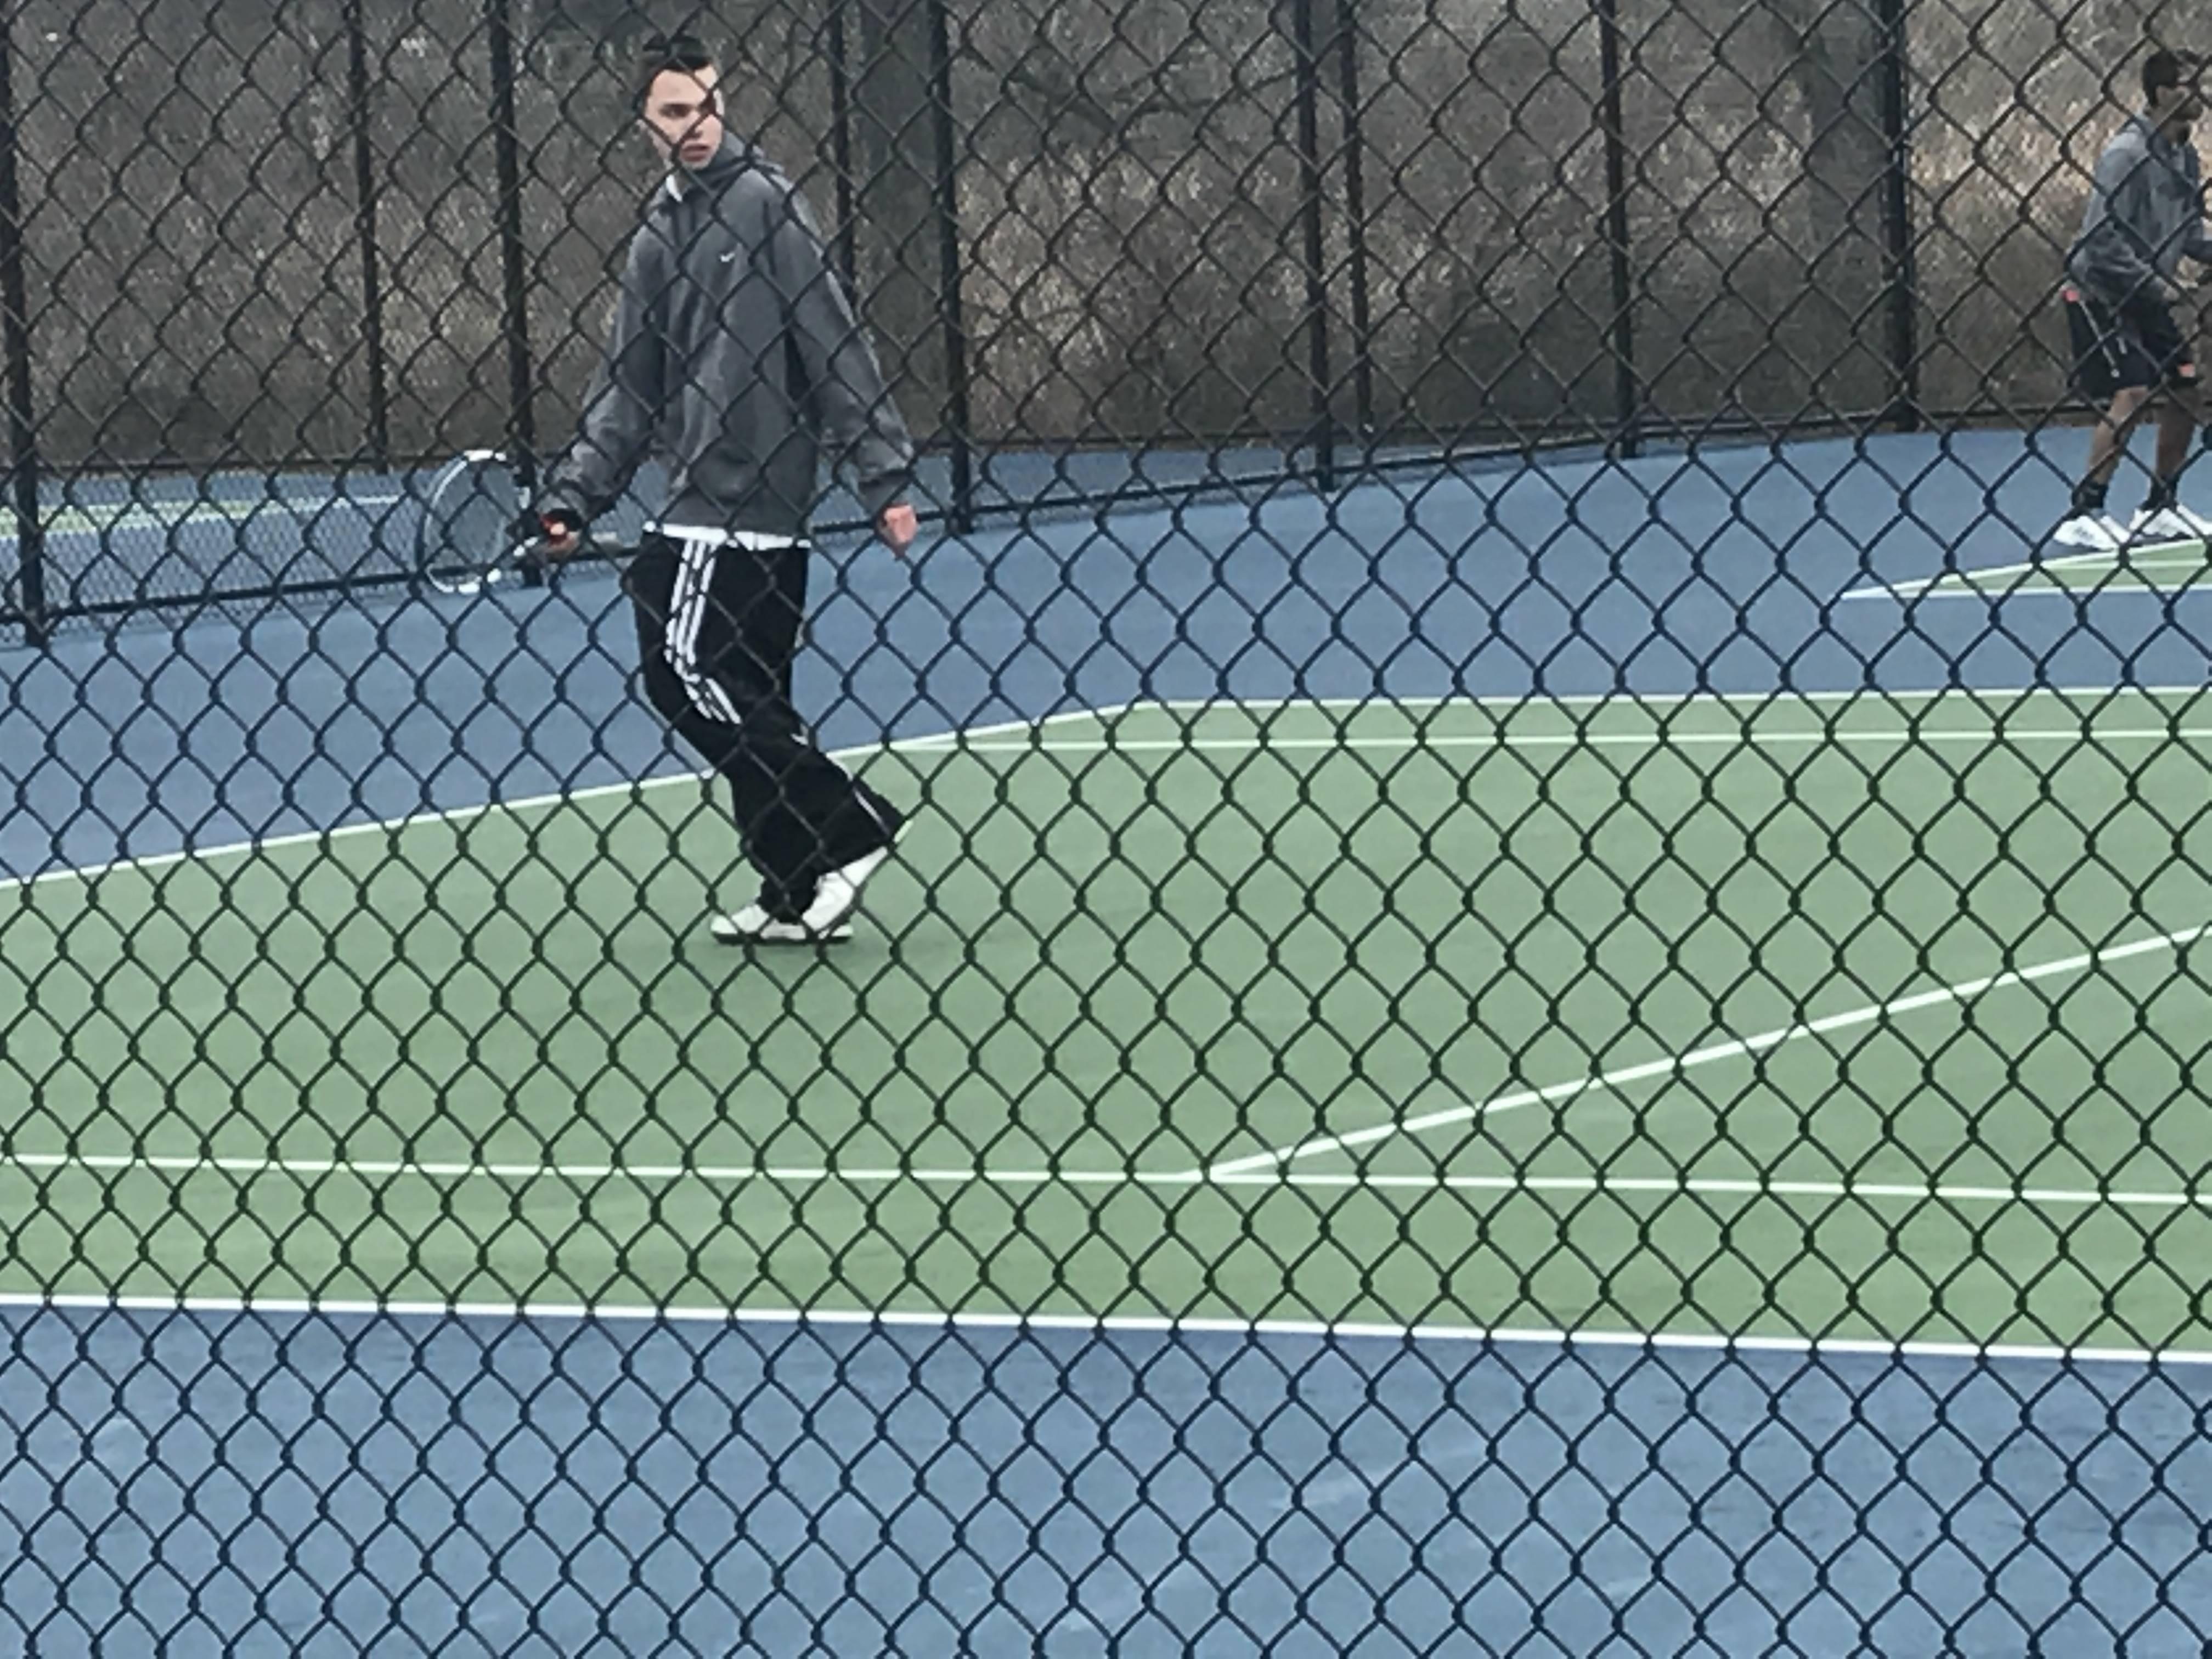 479a8c70a2e92f39fc87_boys_tennis.JPG